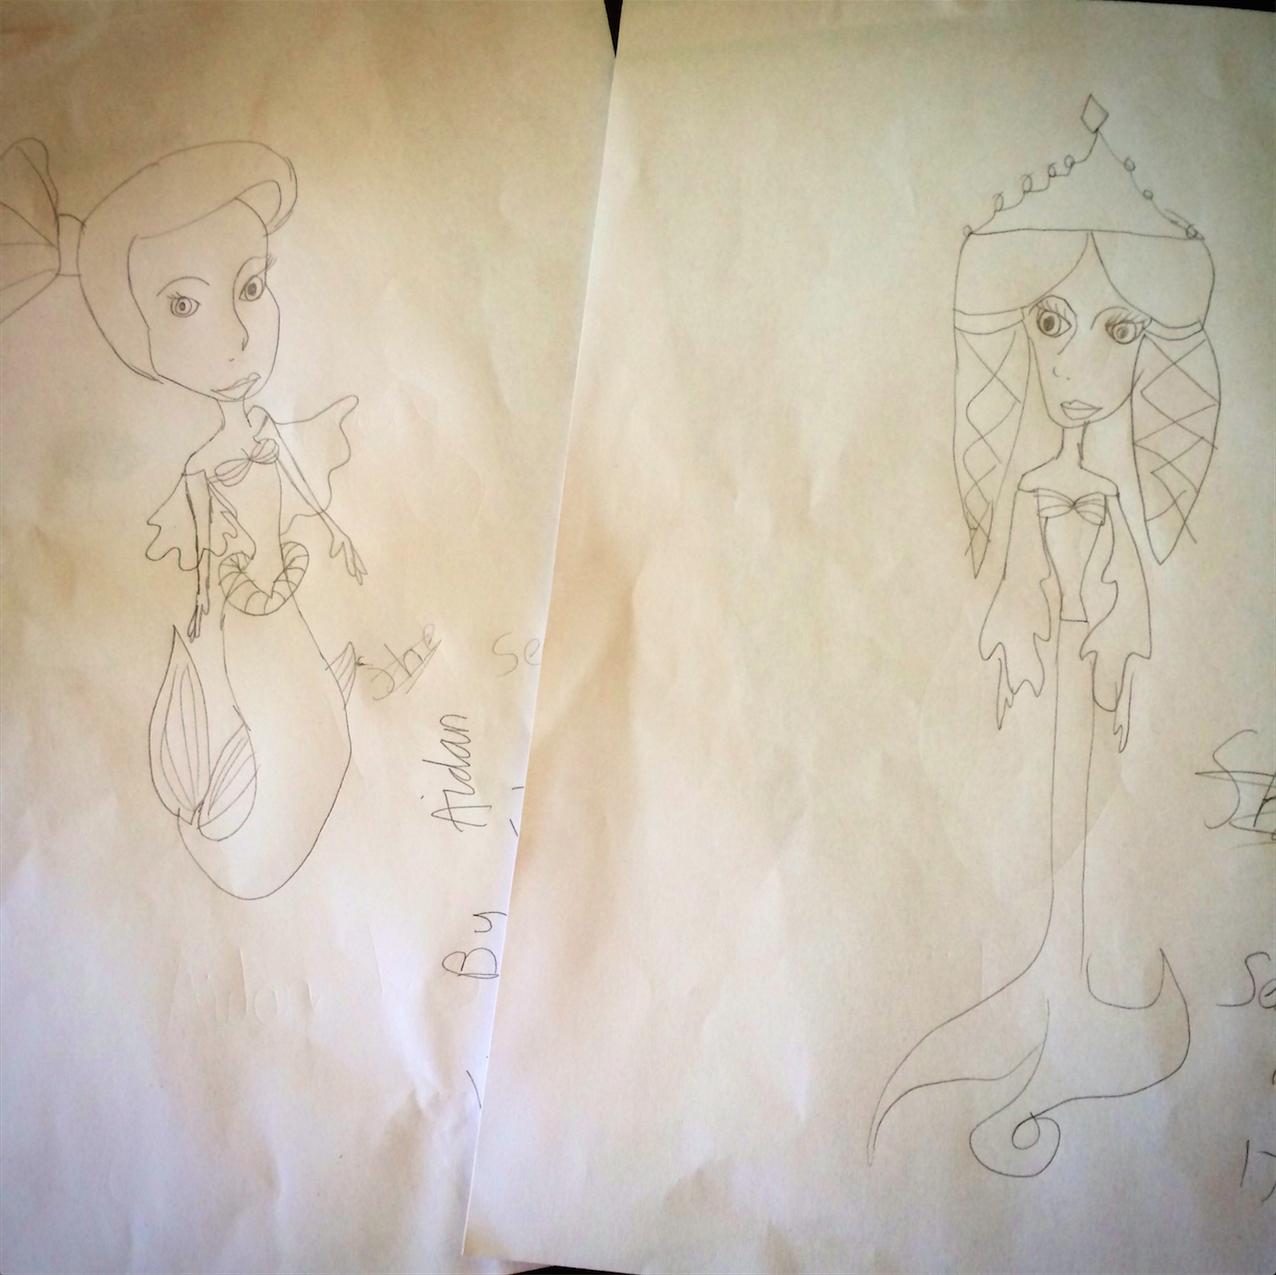 Amazing mermaid drawings, by Aiden.